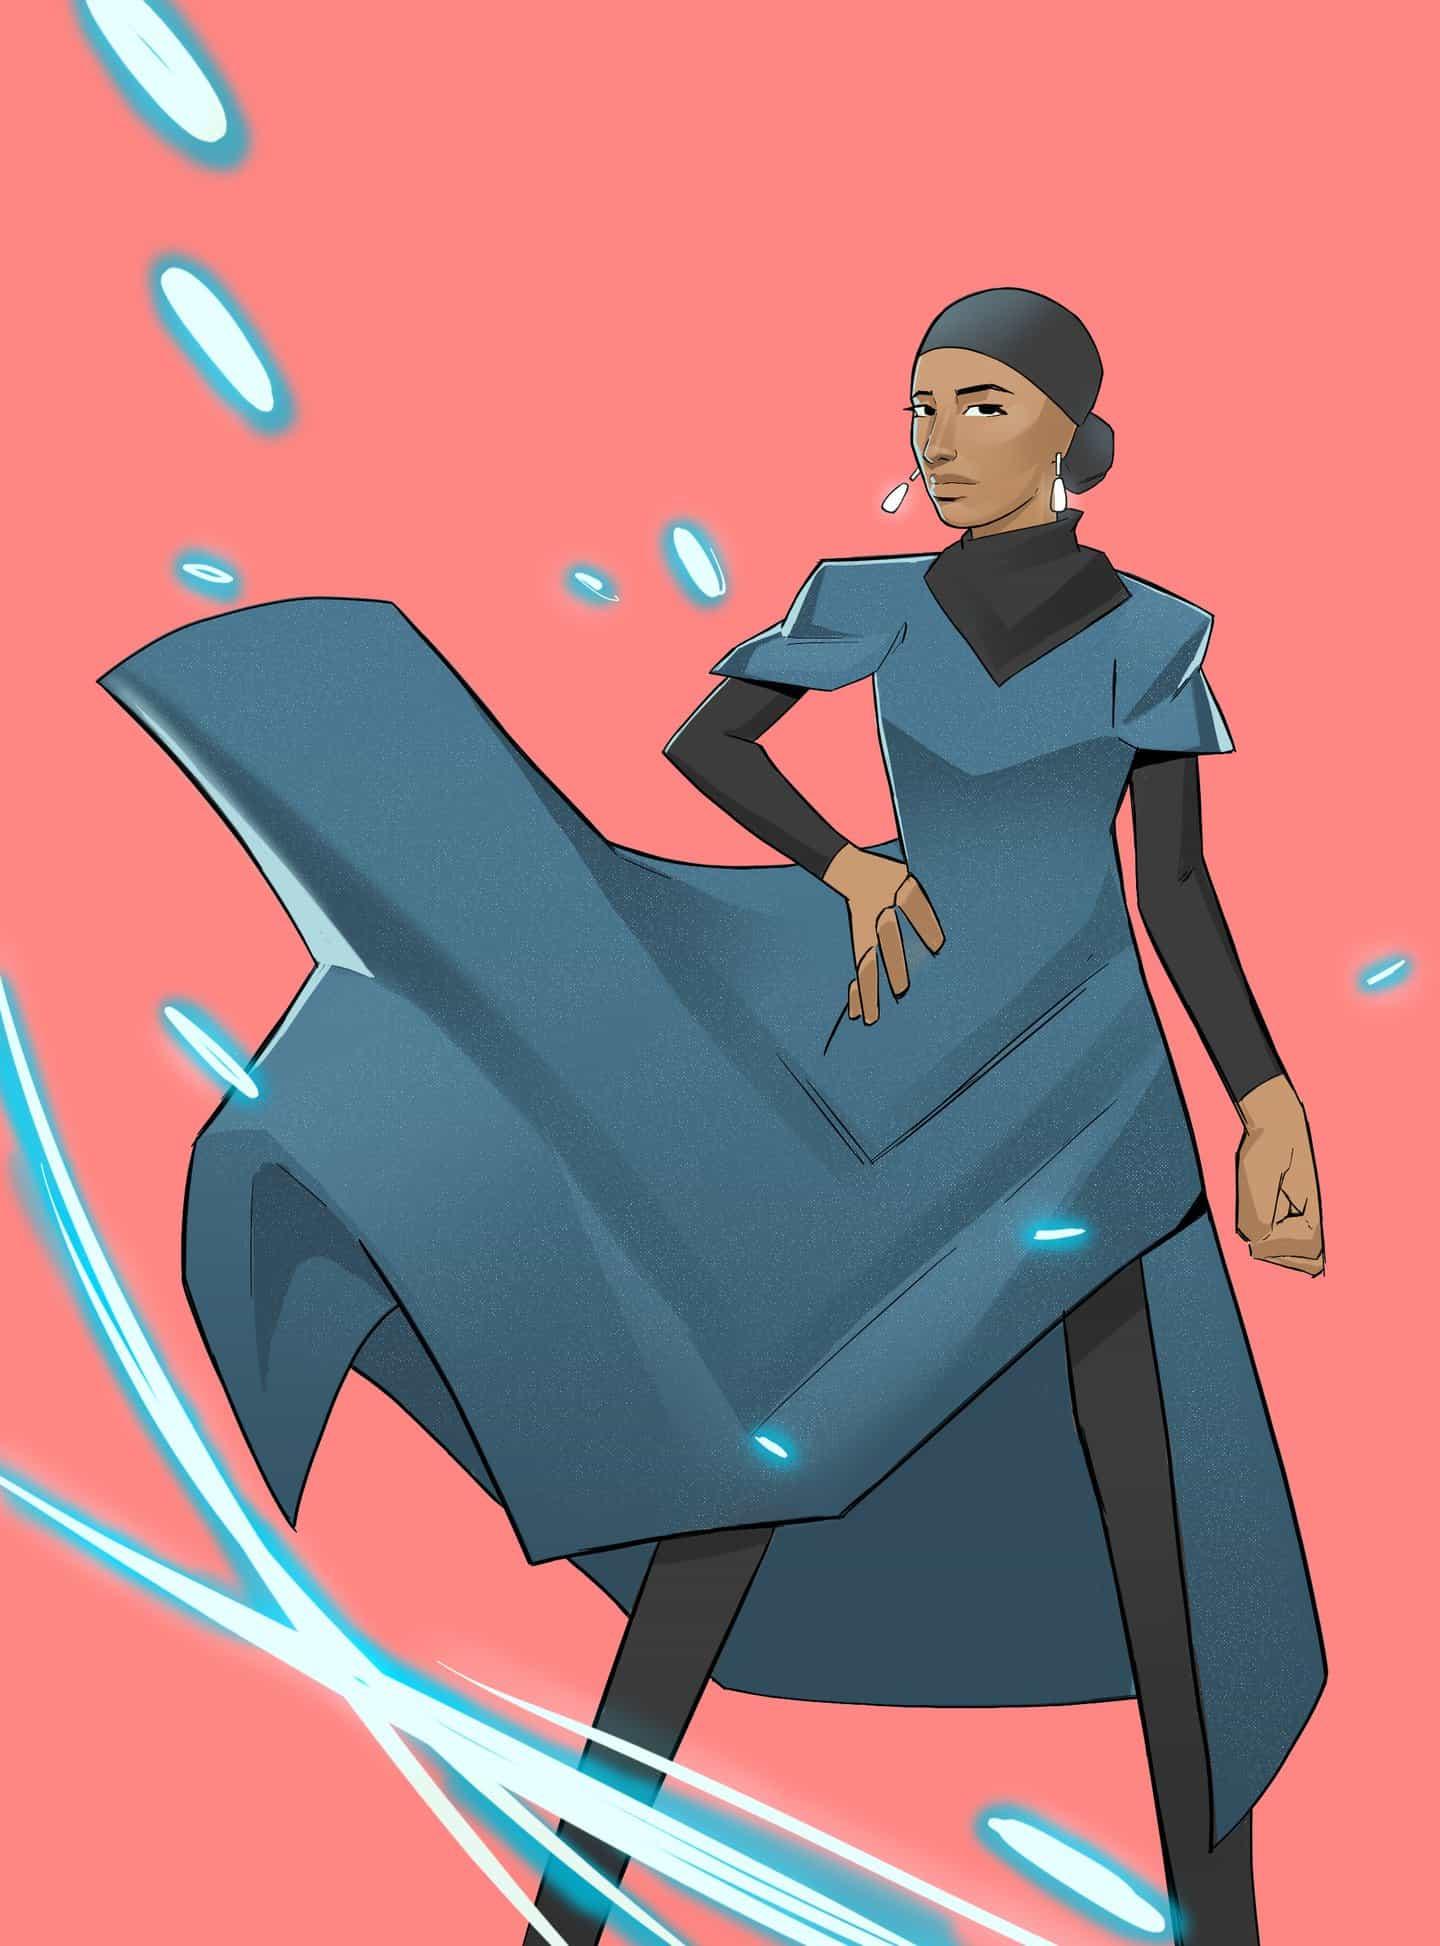 #Merky Books: Superhéroes, Historias inspiradoras de fuerza secreta. Ikram Abdi (Copyright © #Merky Books, 2021)